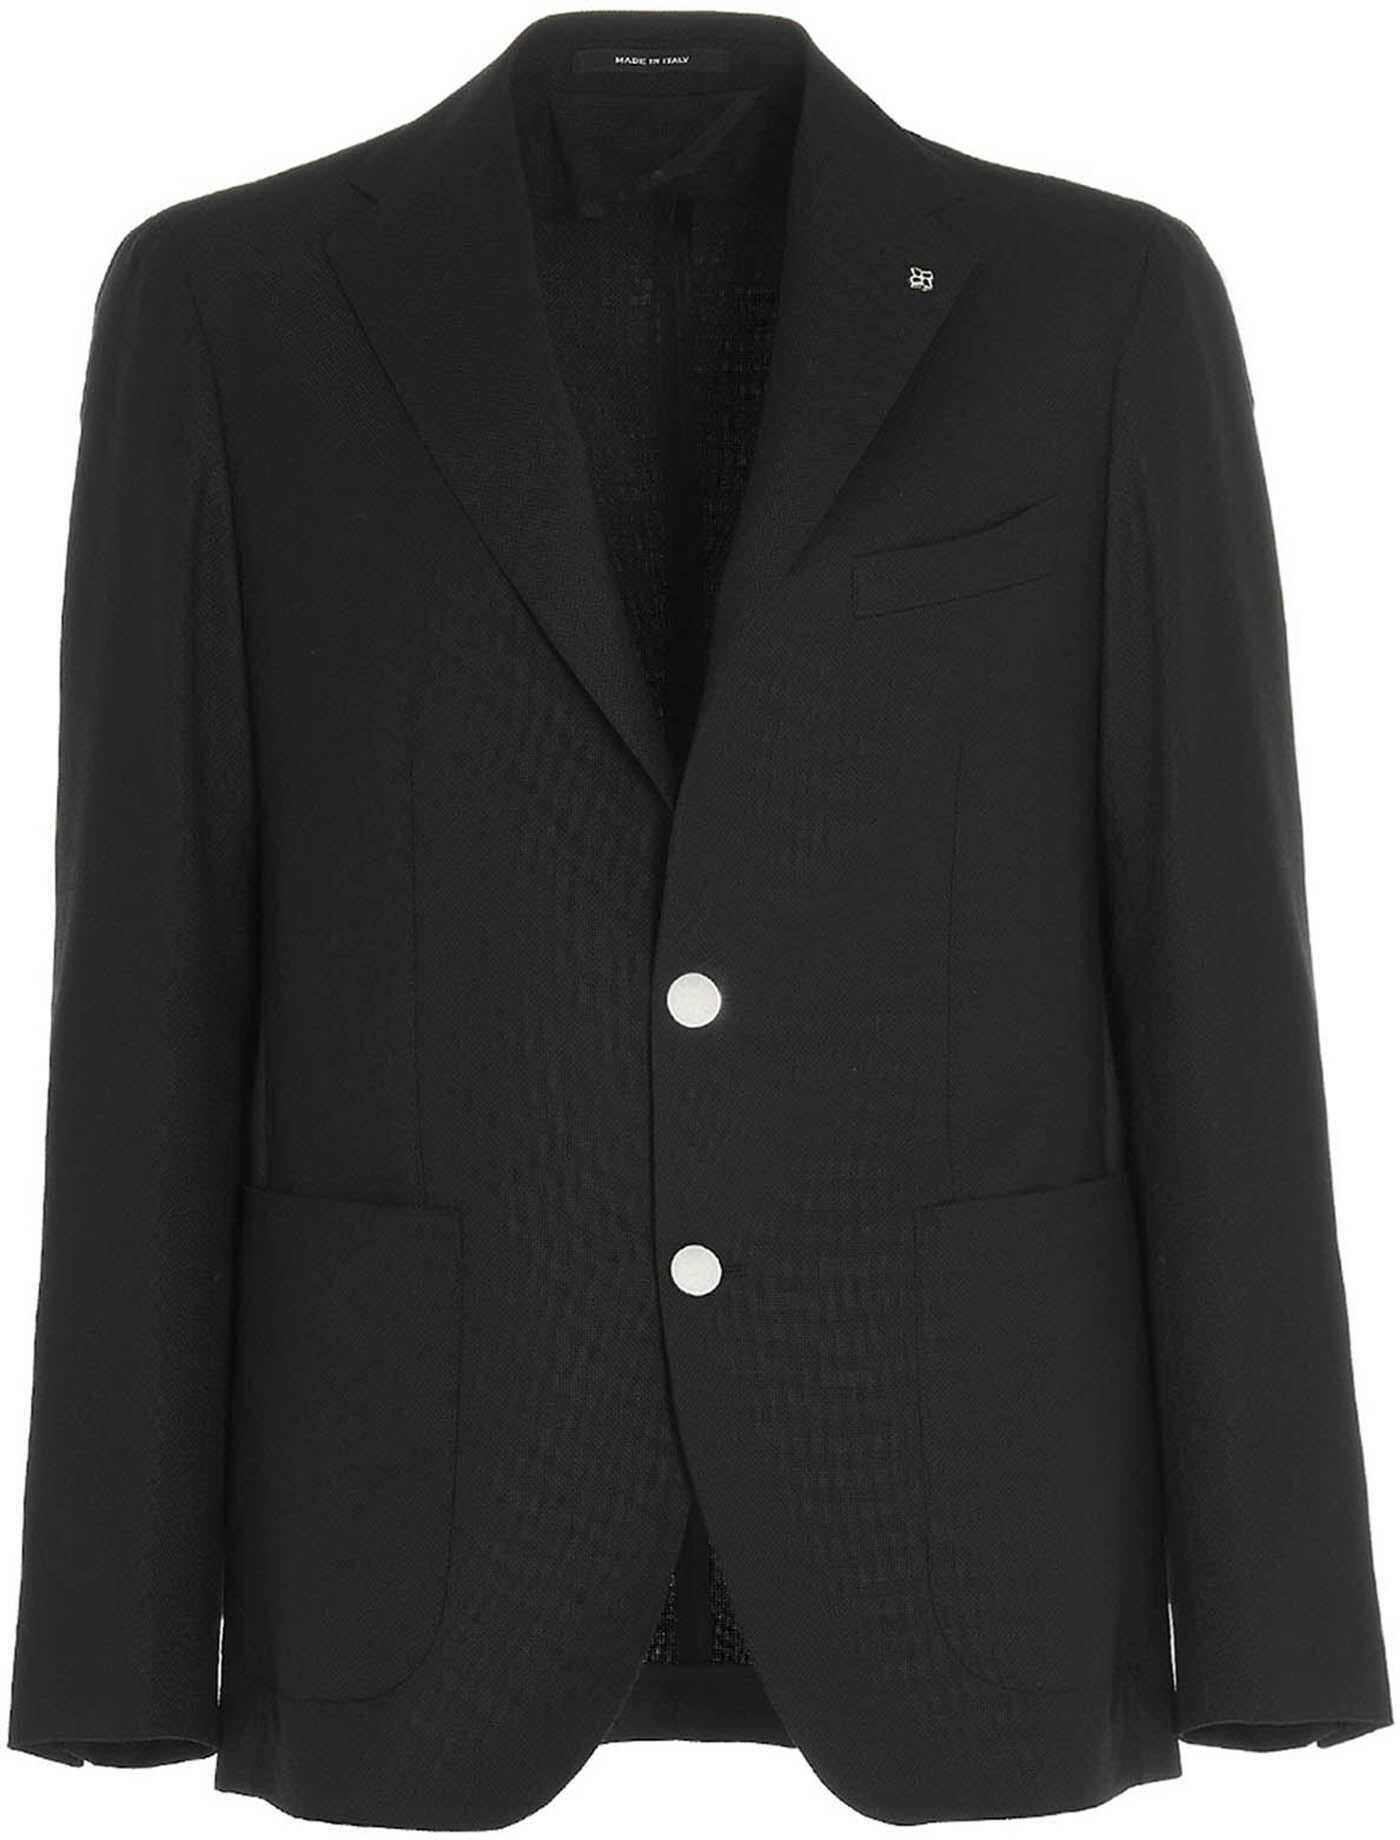 Tagliatore Montecarlo Blazer In Black Black imagine